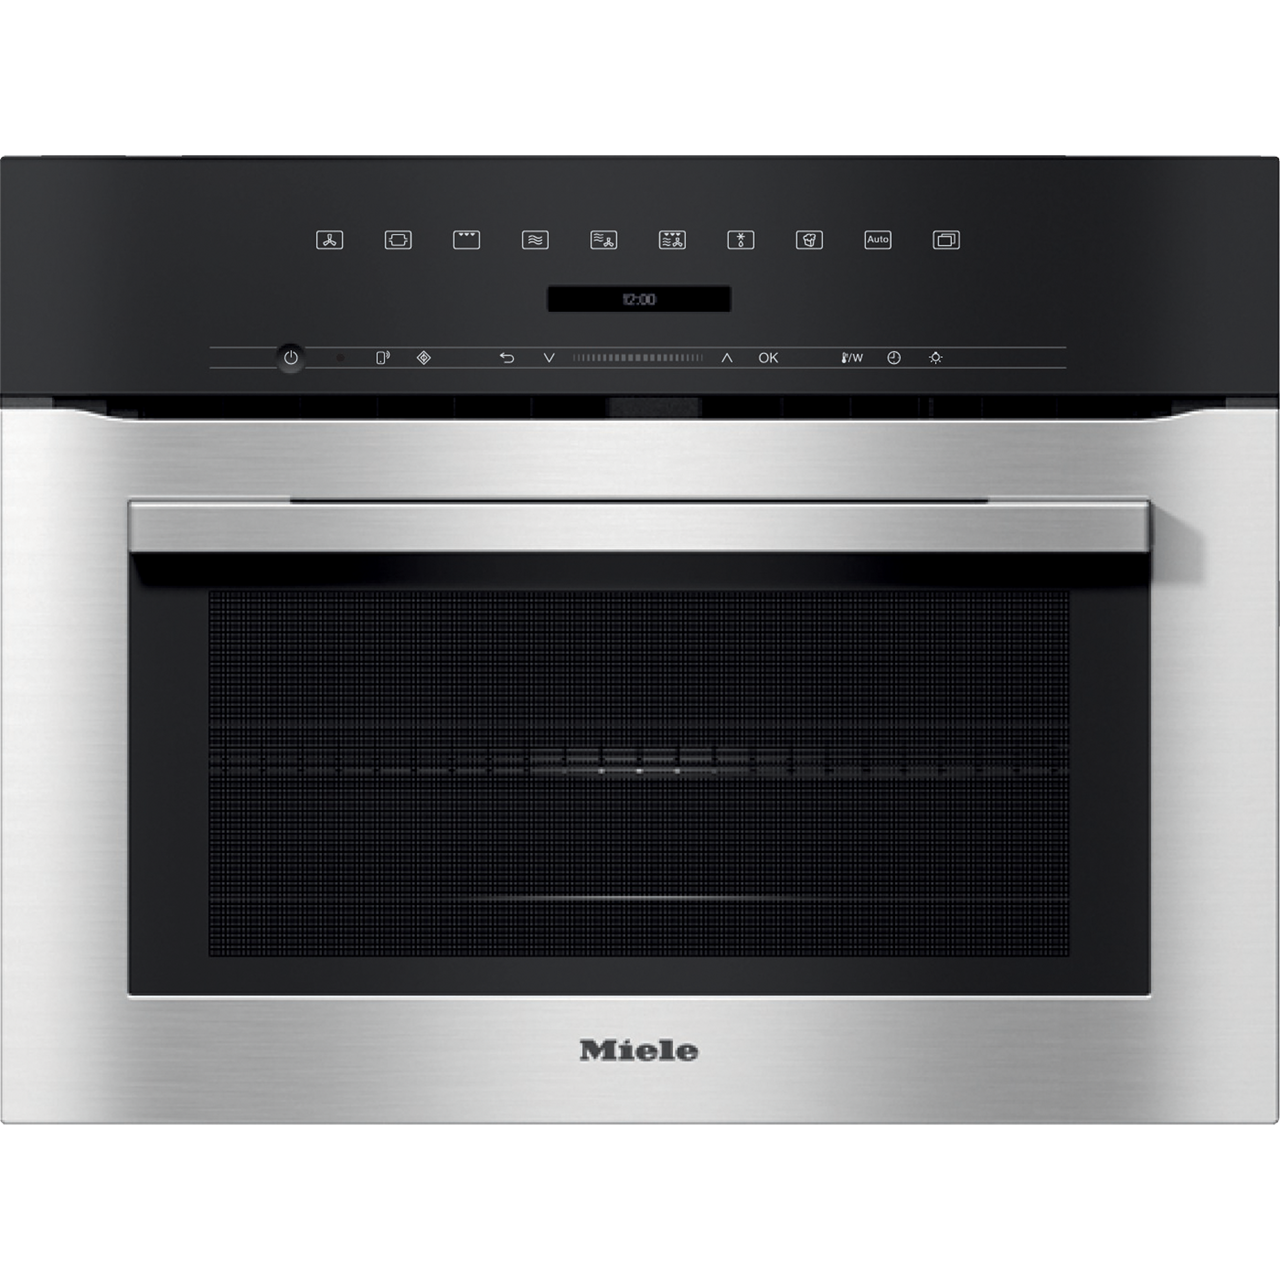 H7140bm Cs Miele Built In Microwave